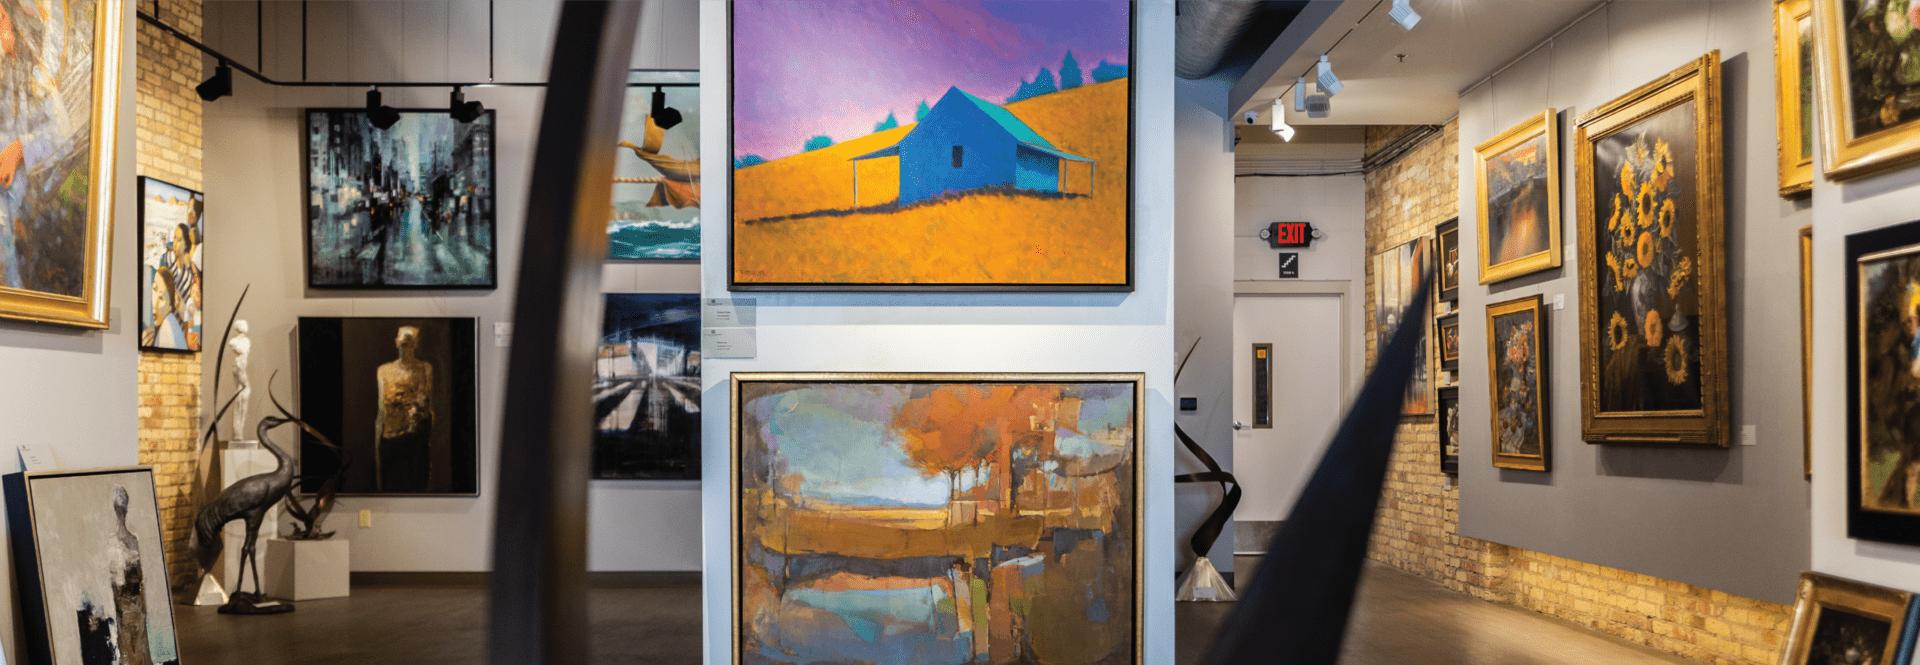 GalleryWall15